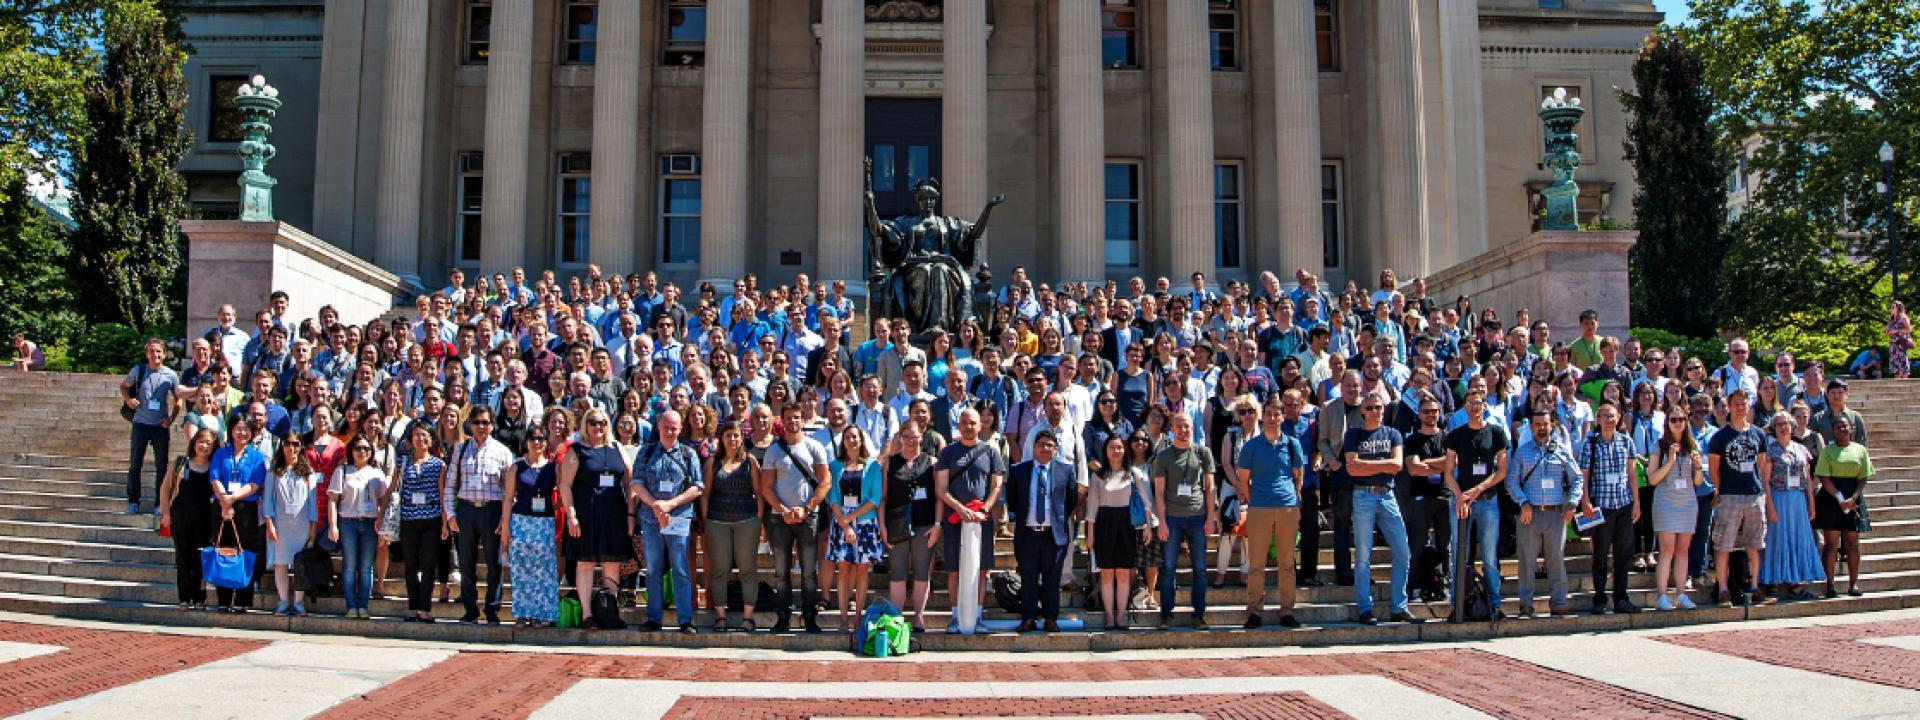 IMPS 2018, Columbia University